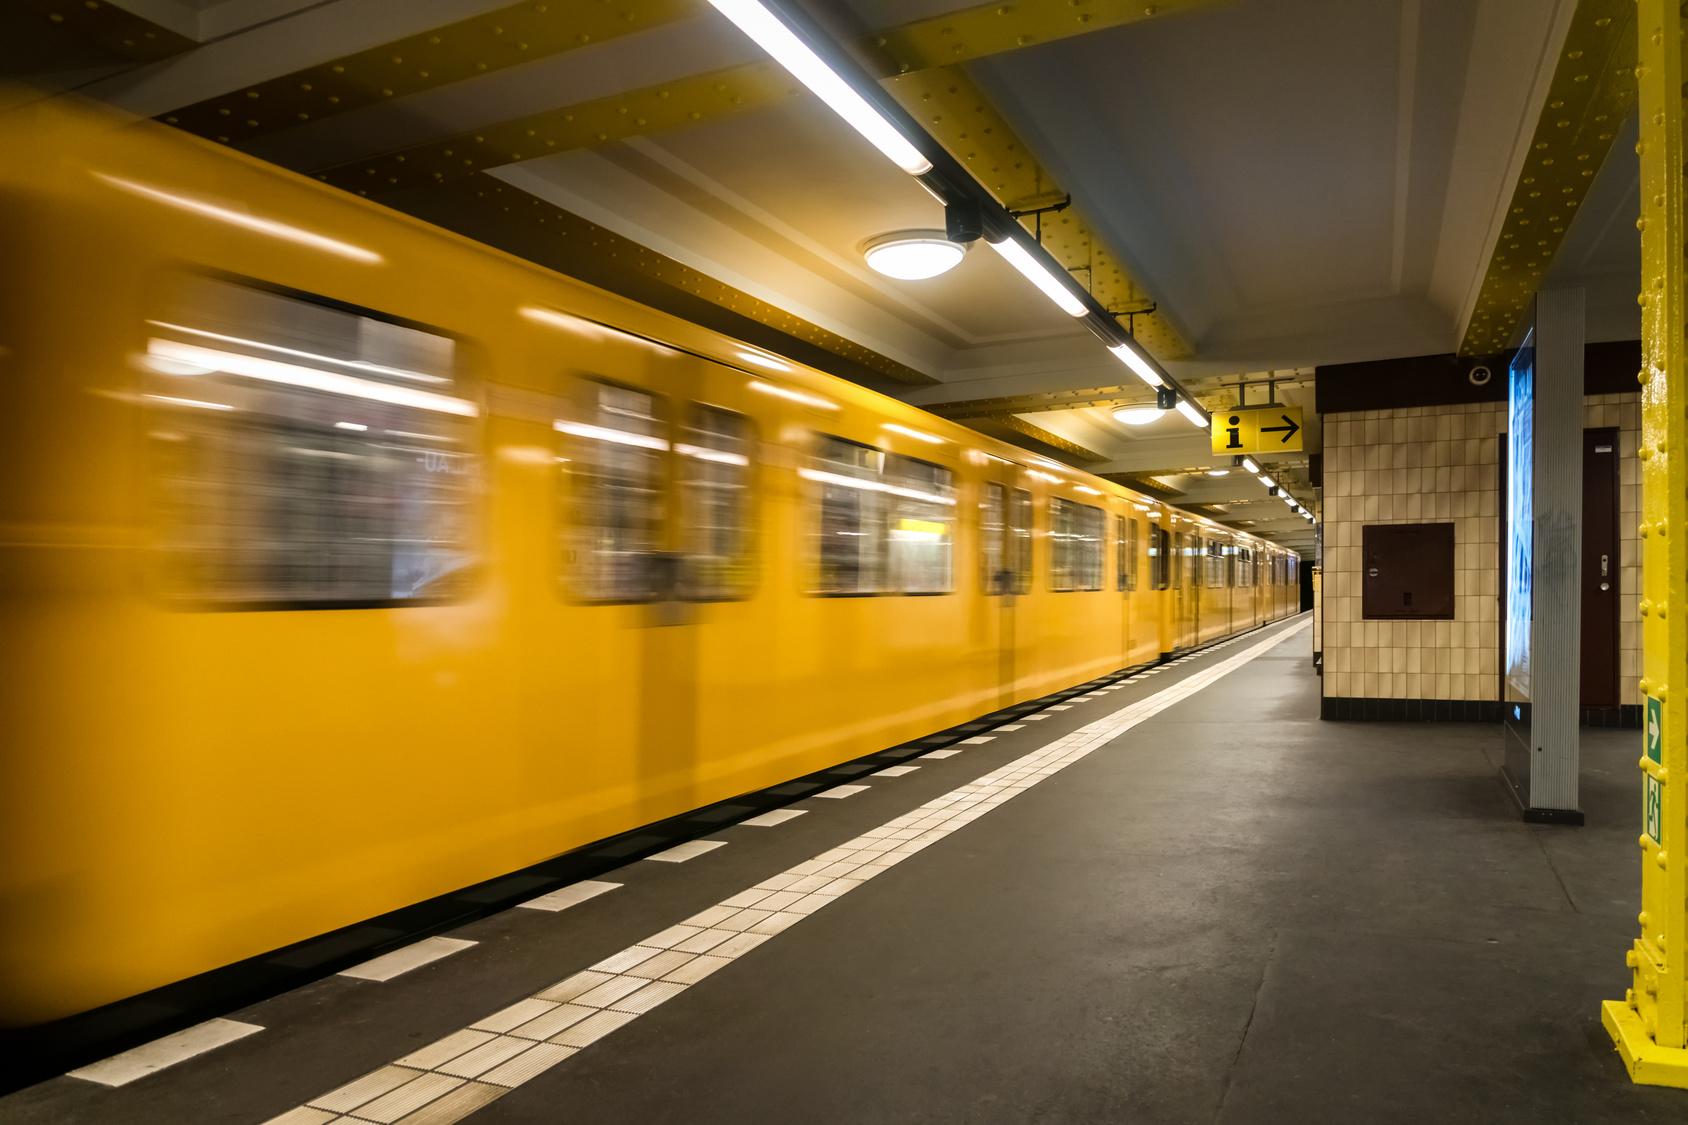 18-jährige Frau vor die U-Bahn geschubst - Täter auf der Flucht